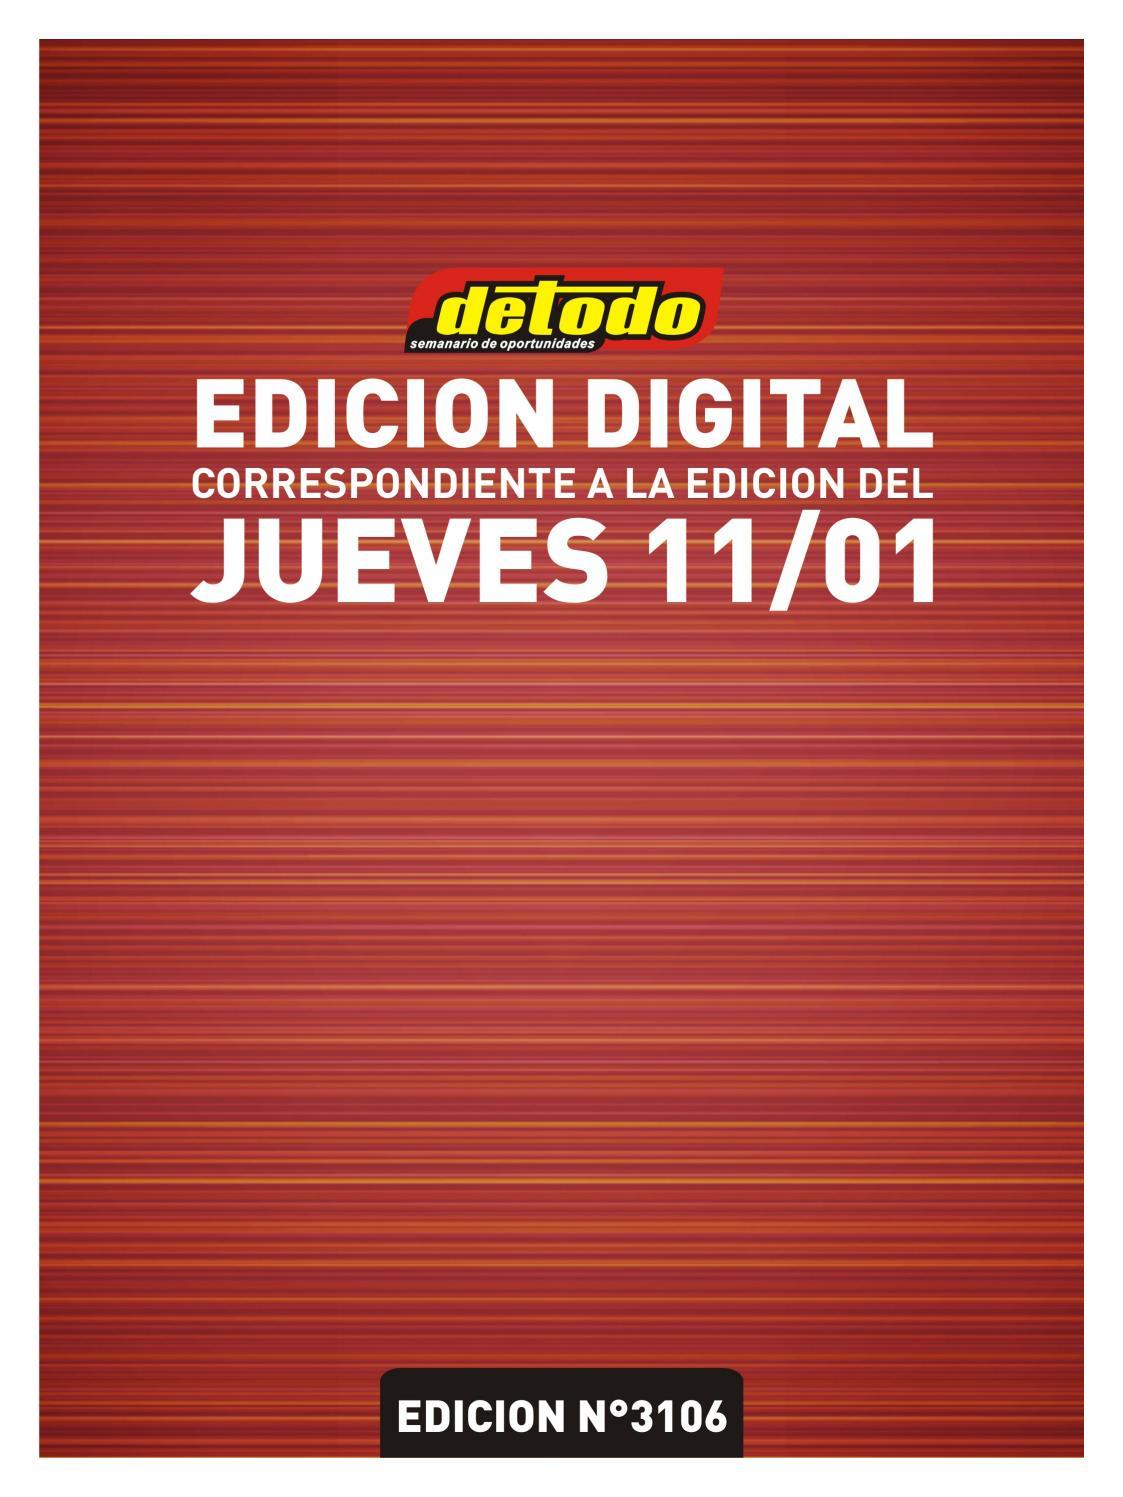 By 11012018 Semanario Detodo 3106 N° Edición nON0wvm8y